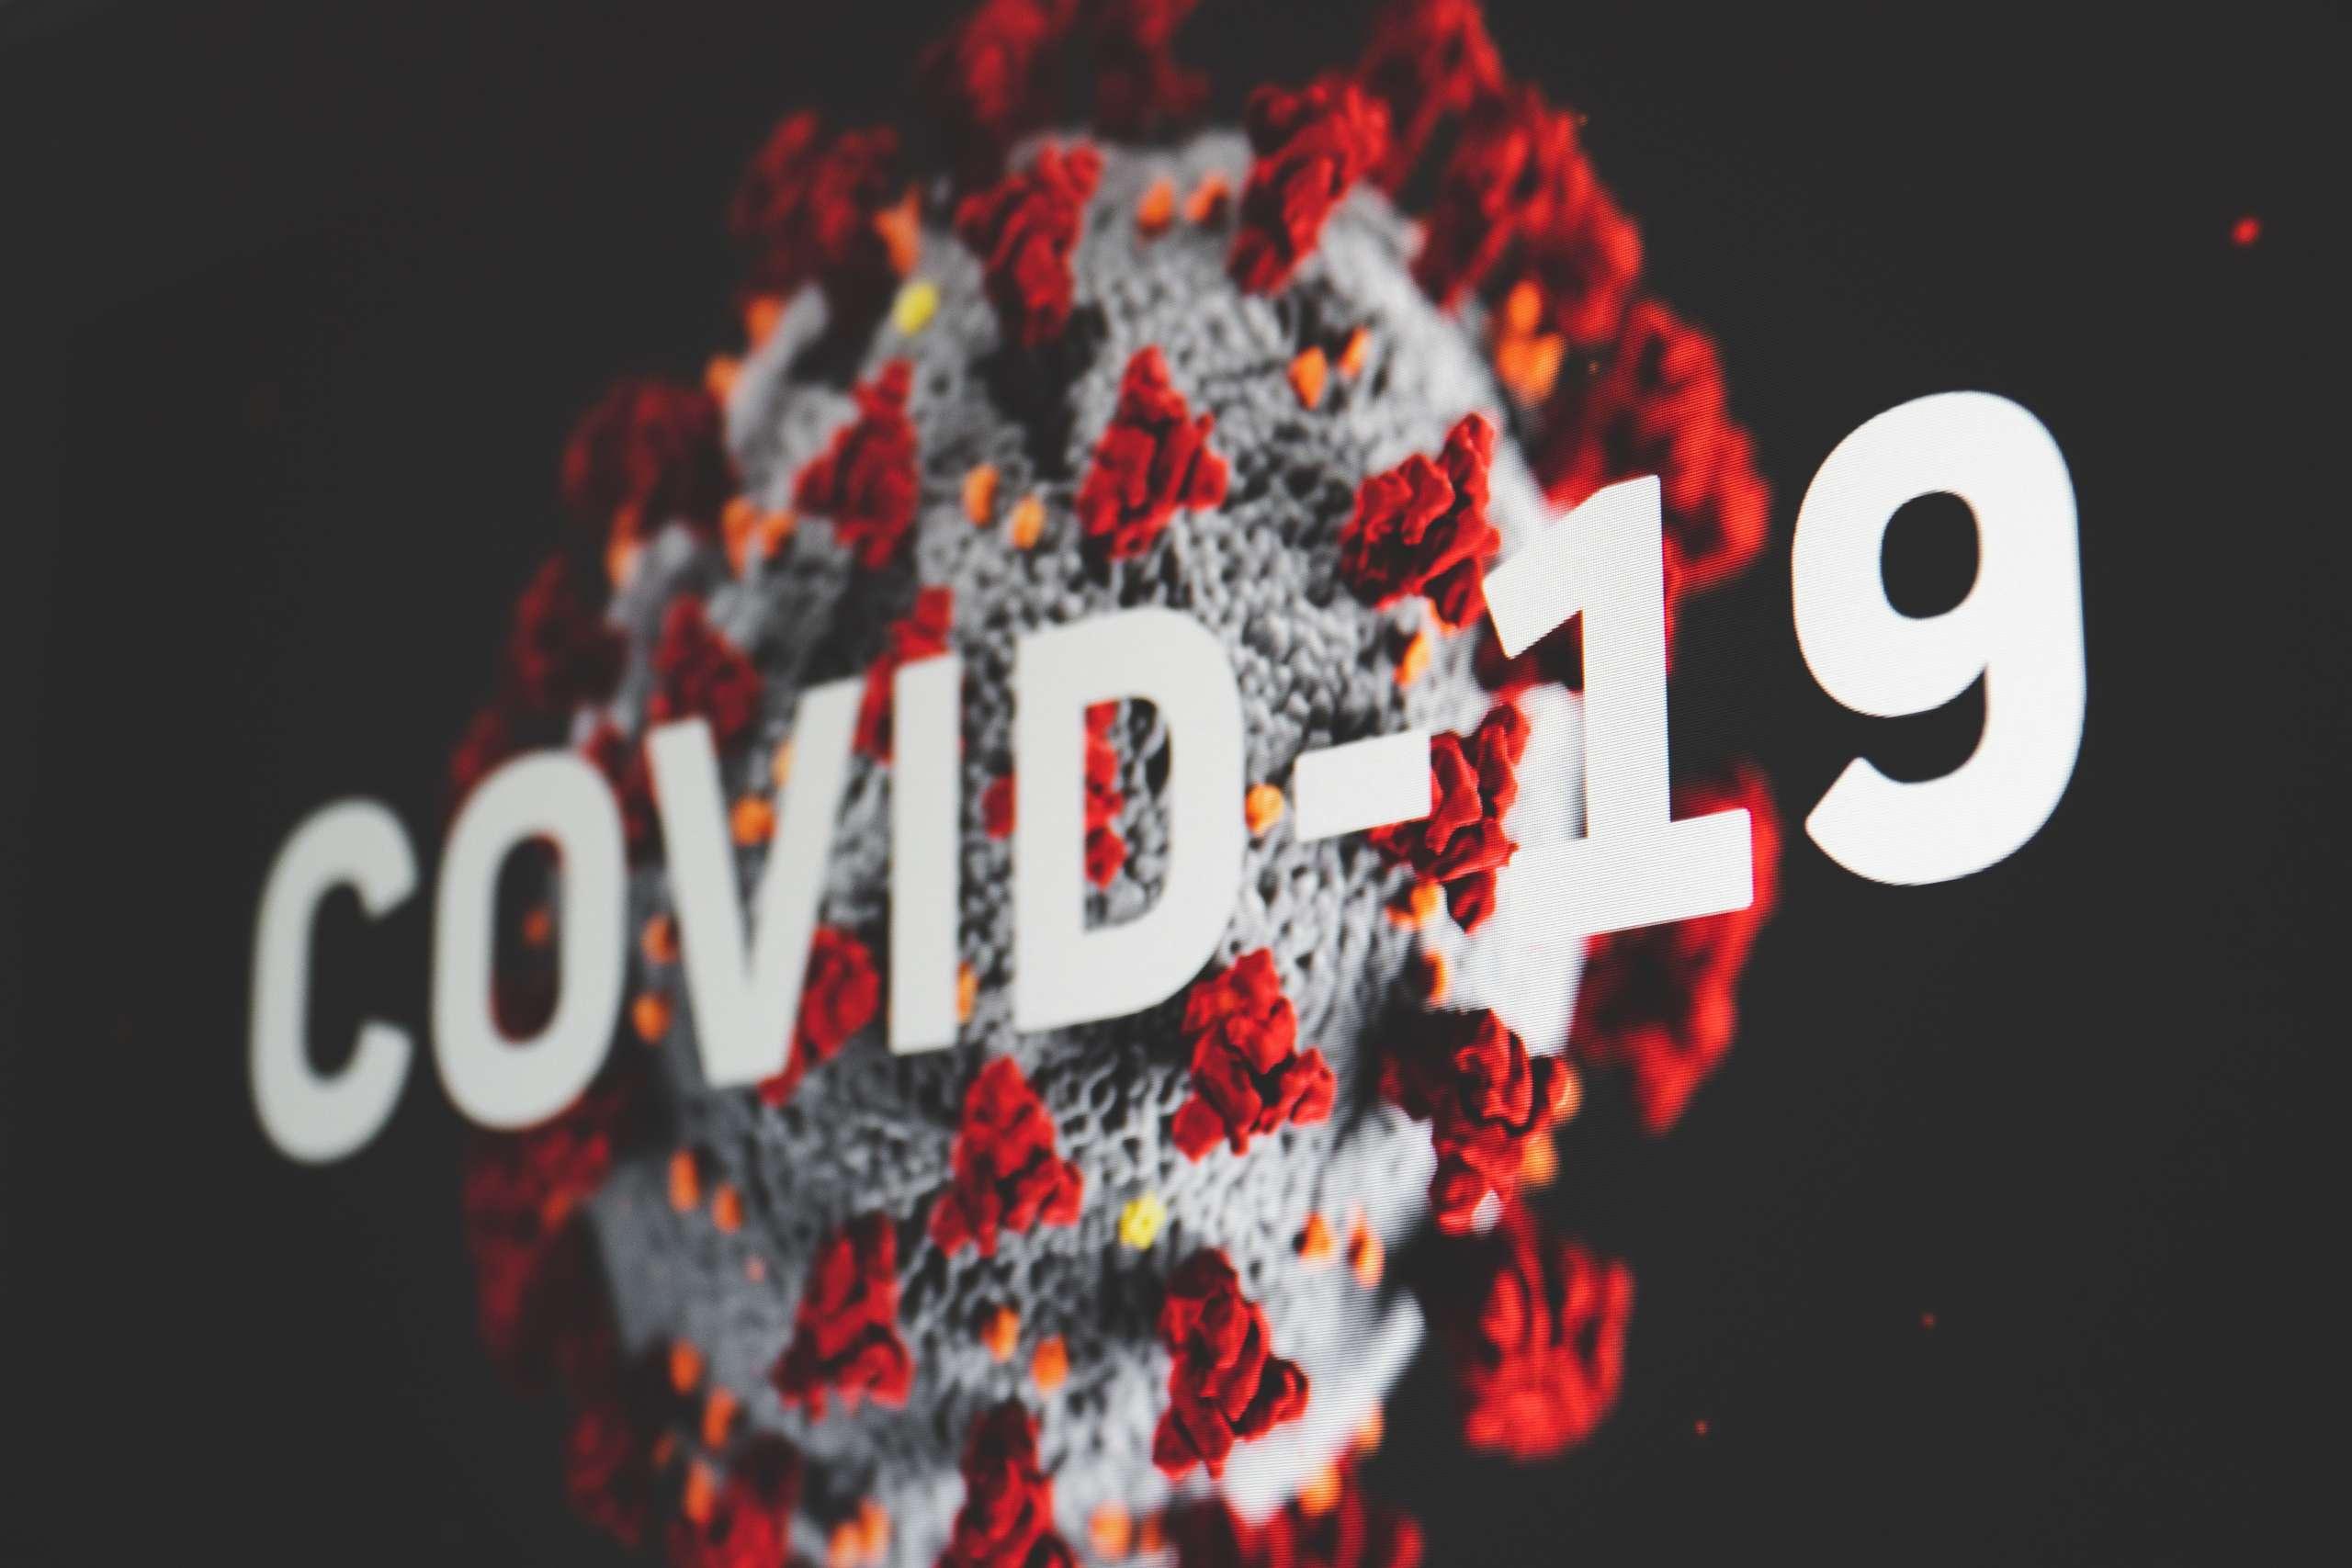 Entschädigung Covid 19 Ungeimpfte Corona § 56 IfSG Infektionsschutzgesetz